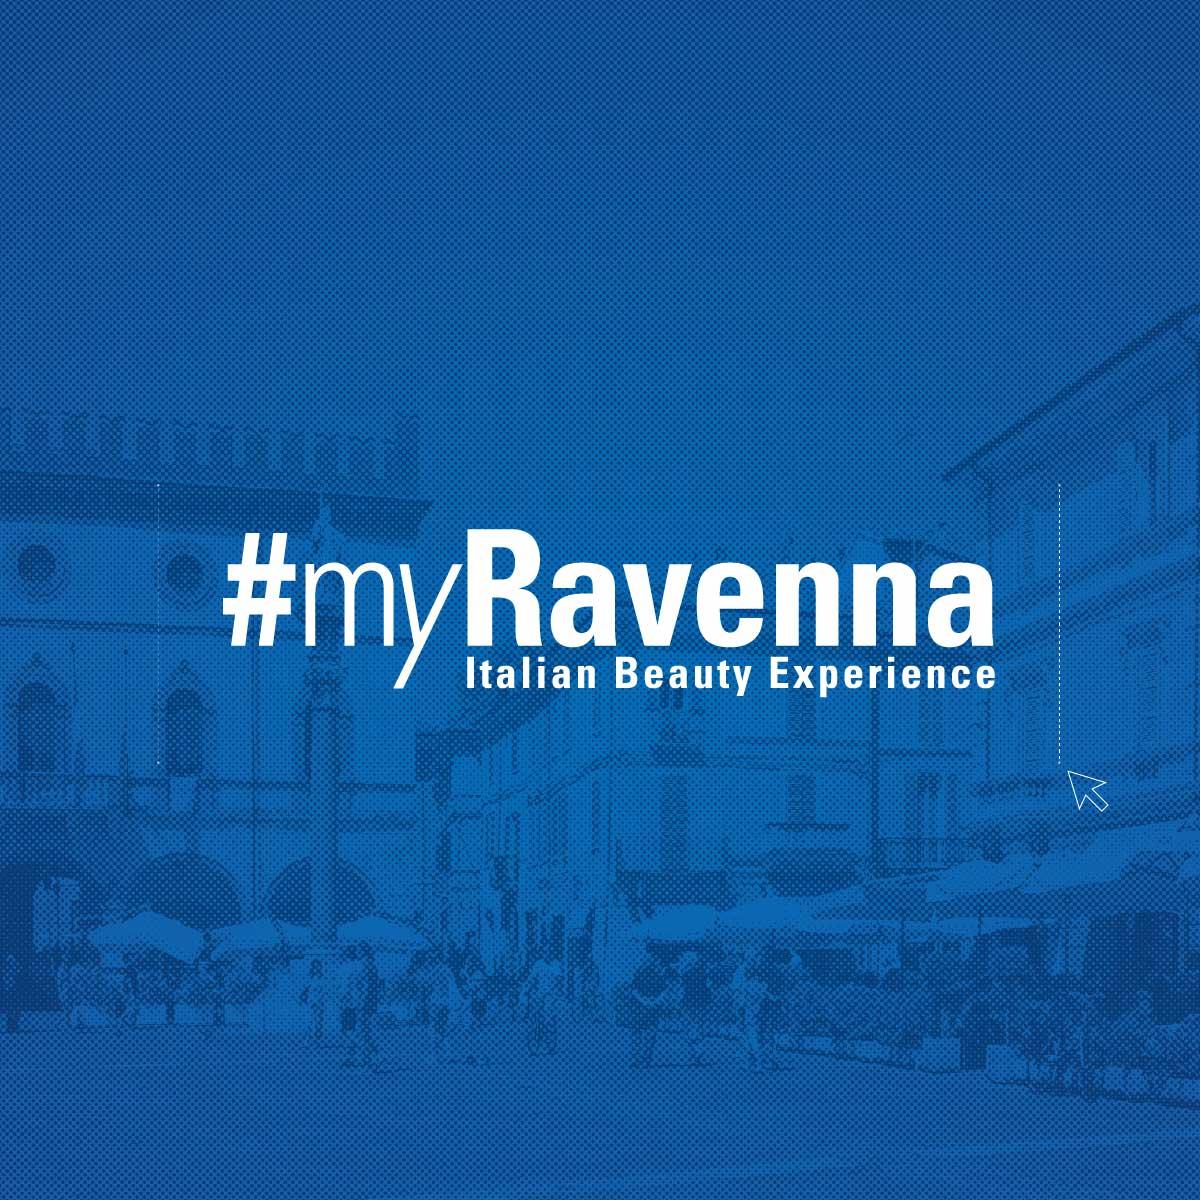 comune-di-ravenna-marketing-turismo-web-development-2